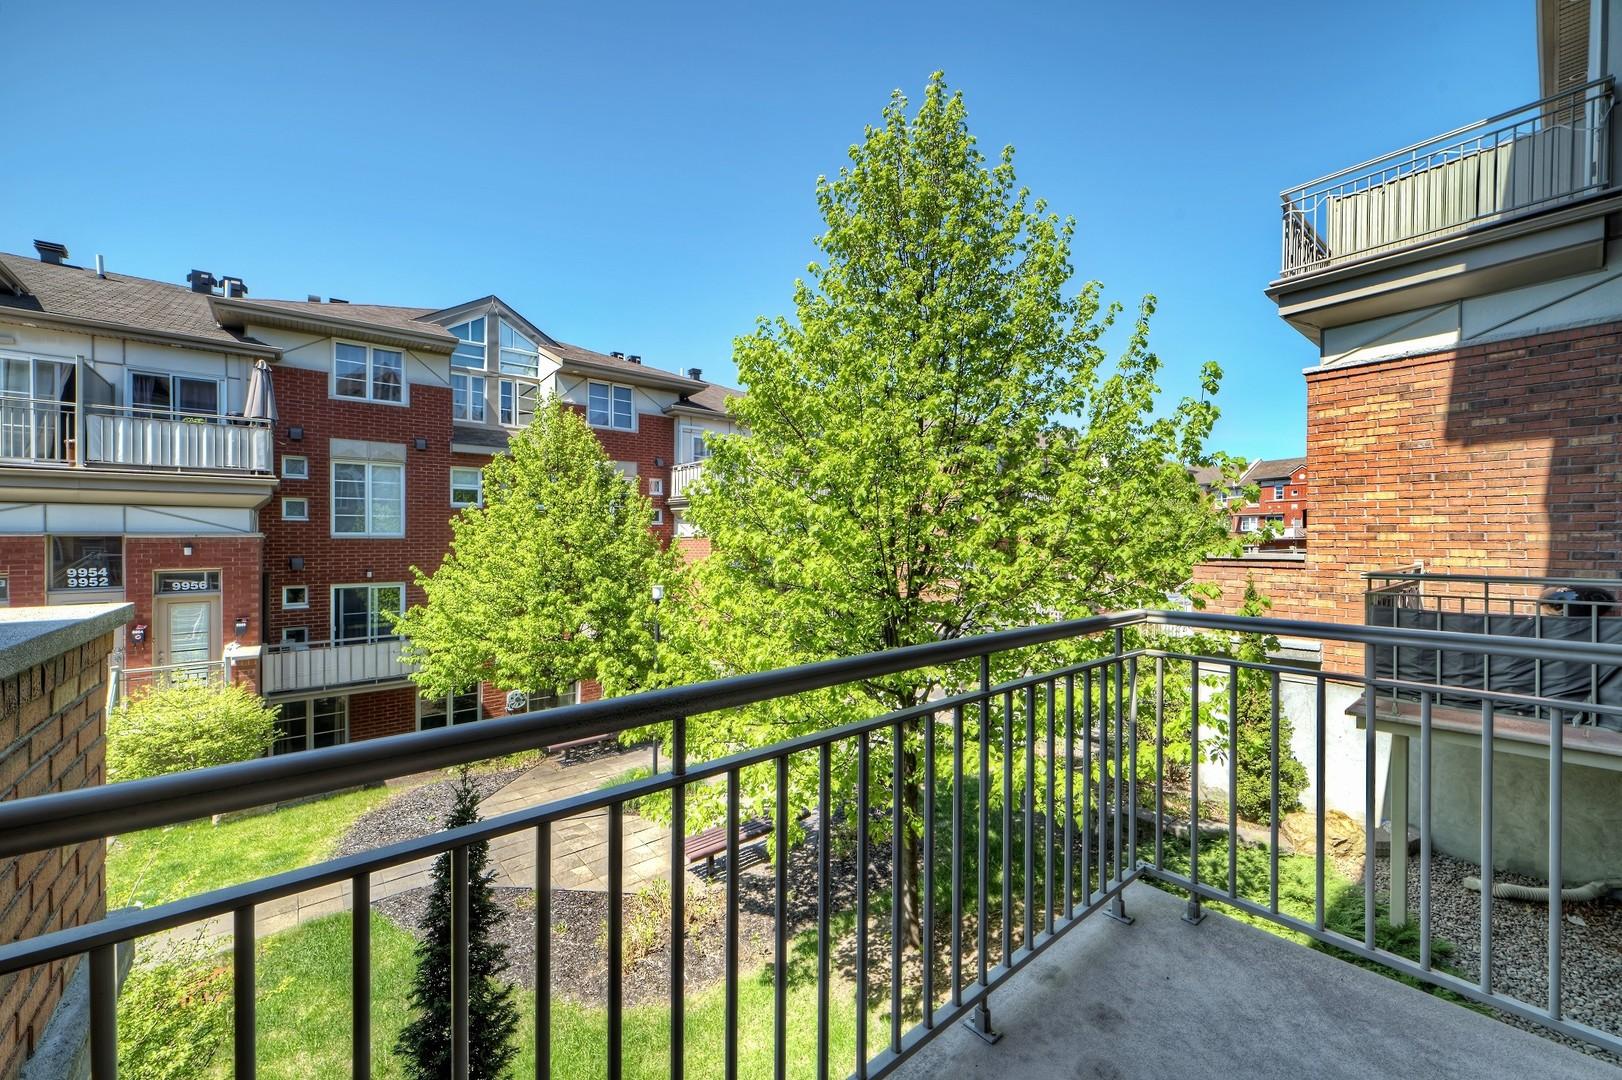 image 1 - Condo - For rent - Montréal  (Rivière-des-Prairies) - 4 rooms